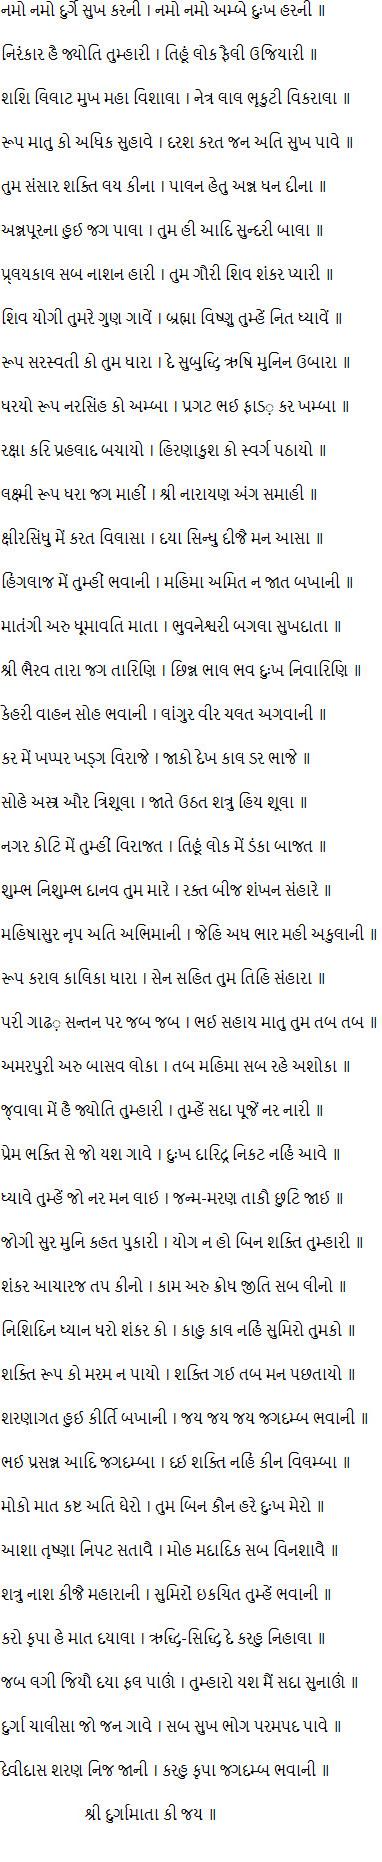 durga chalisa in gujarati lyrics